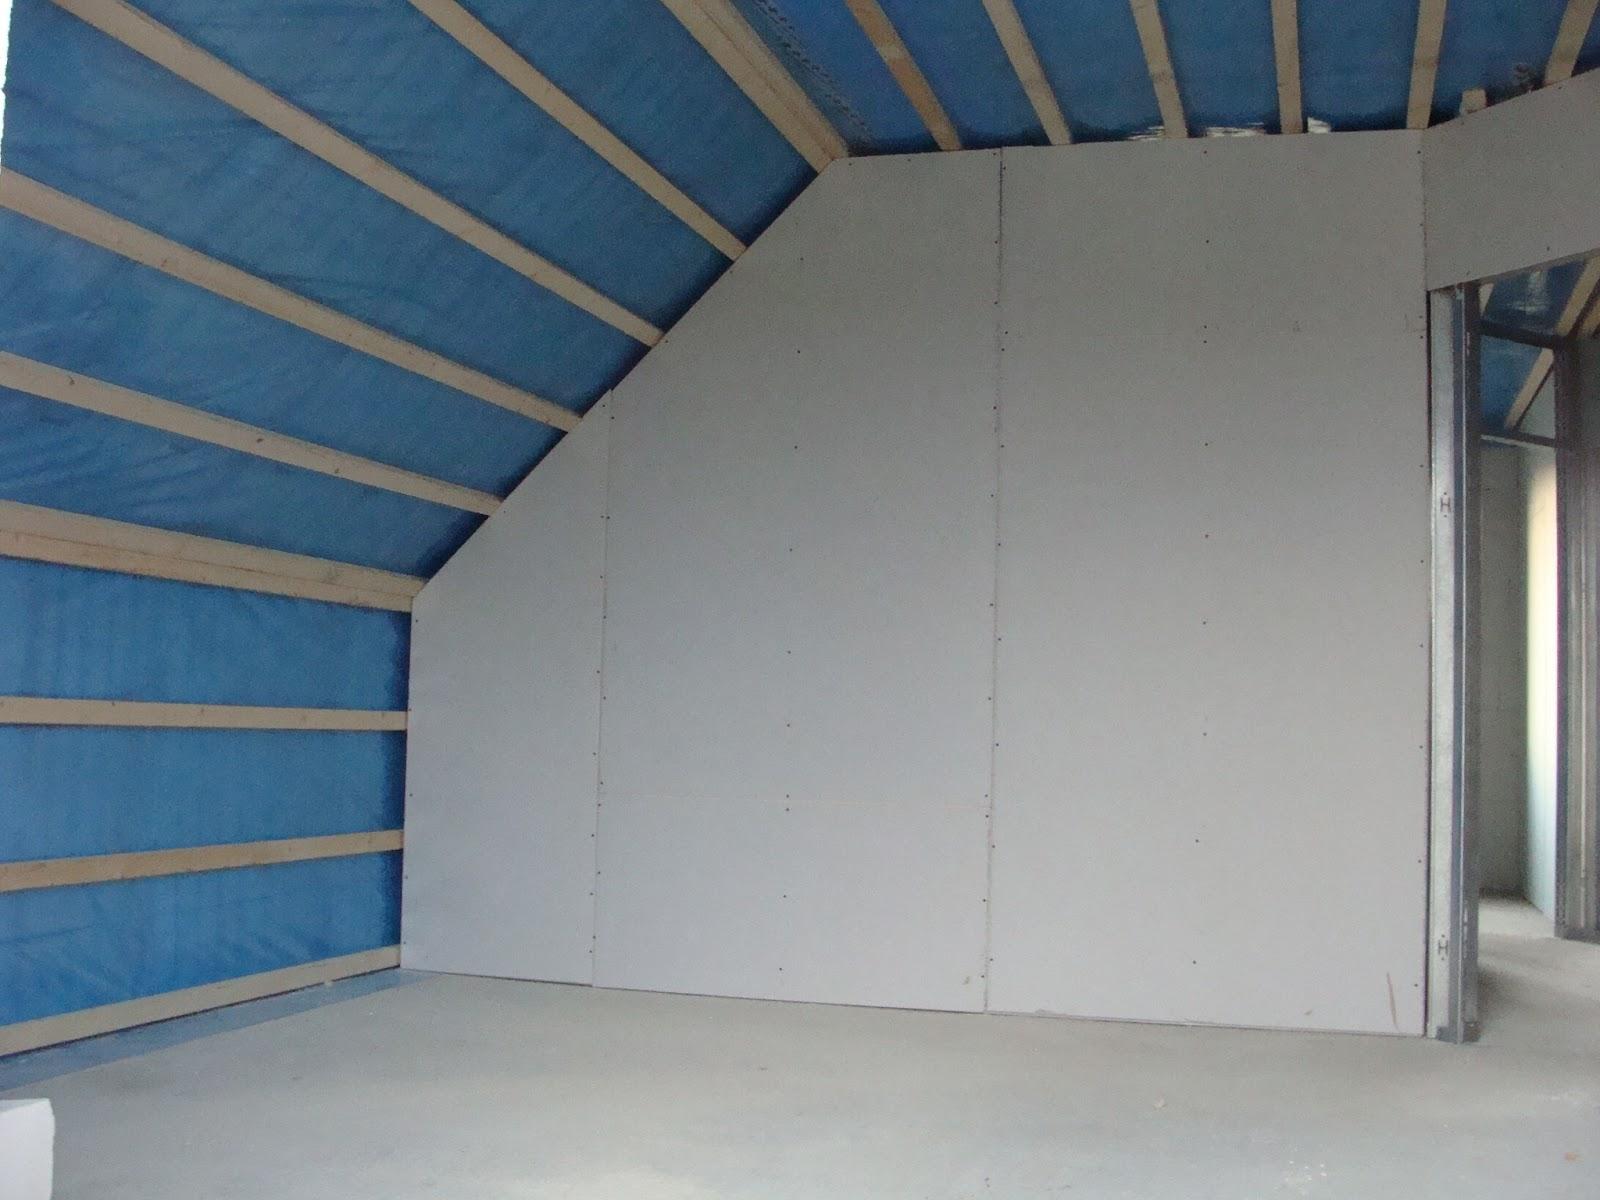 hausbau in adendorf bei l neburg mit claassen haus town country beginn trockenbau. Black Bedroom Furniture Sets. Home Design Ideas